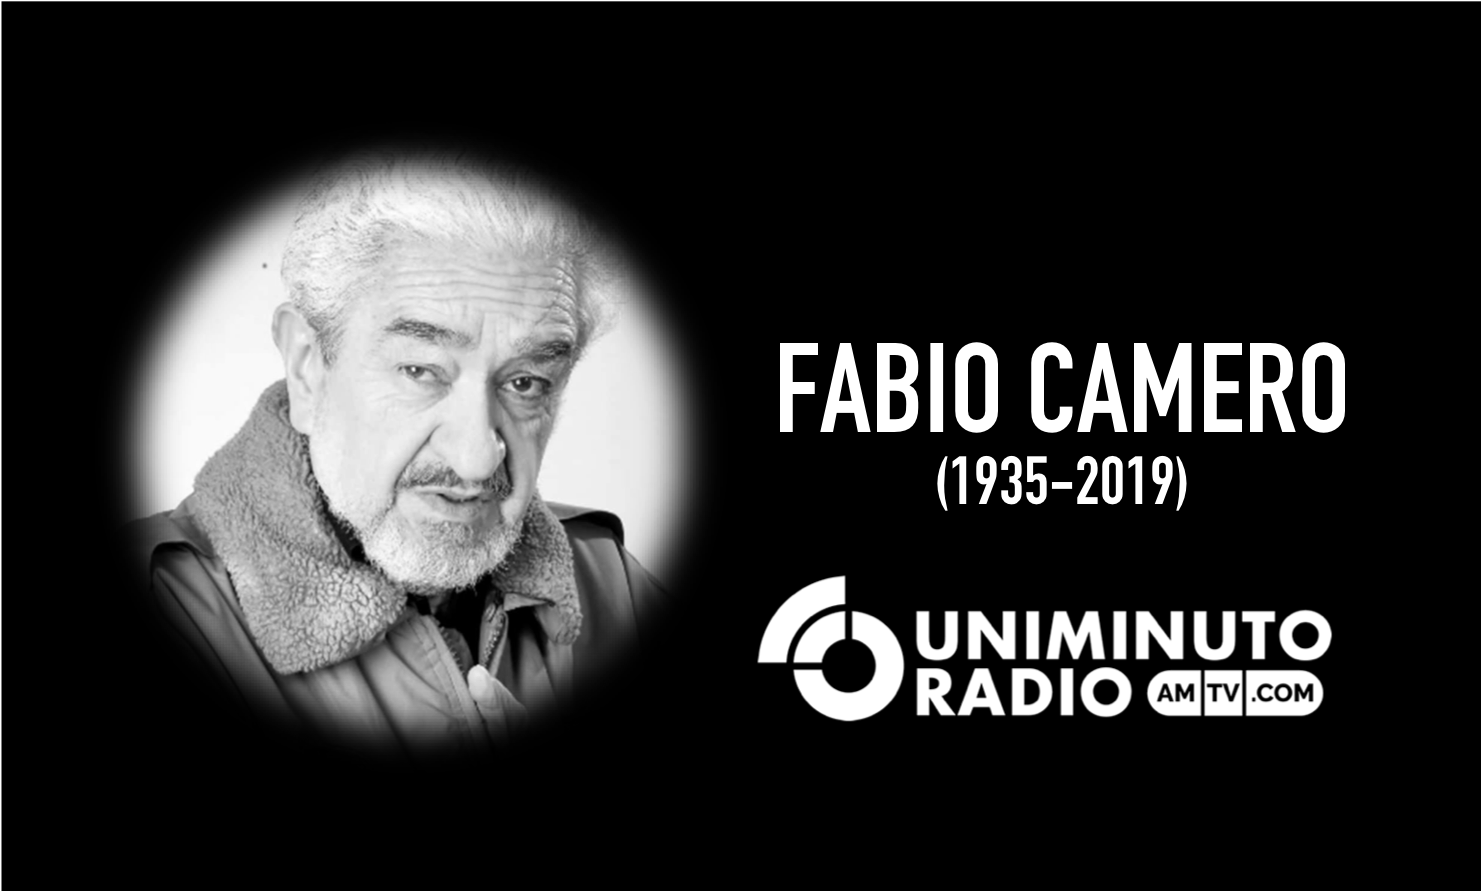 Fabio Camero, hoy se cerró el telón para un gran actor